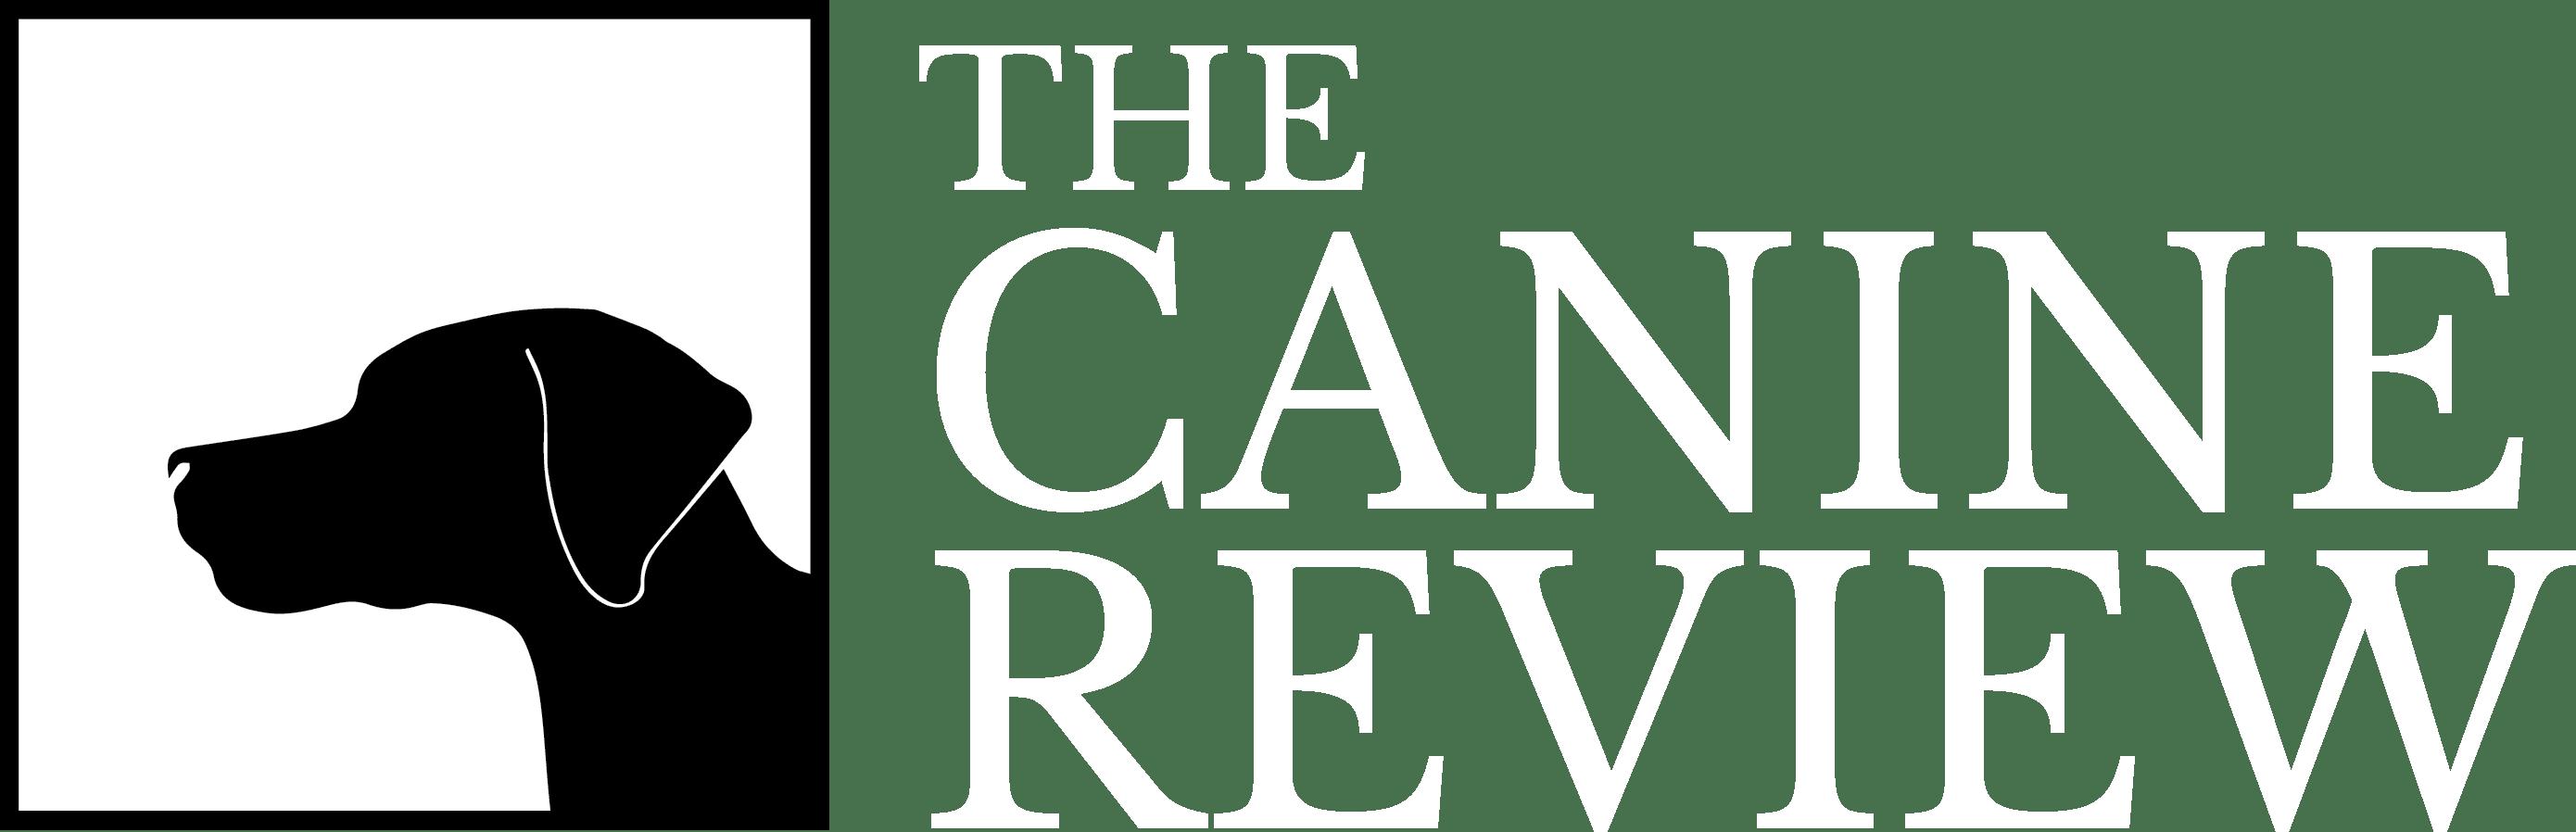 TCR_logo_WHITE